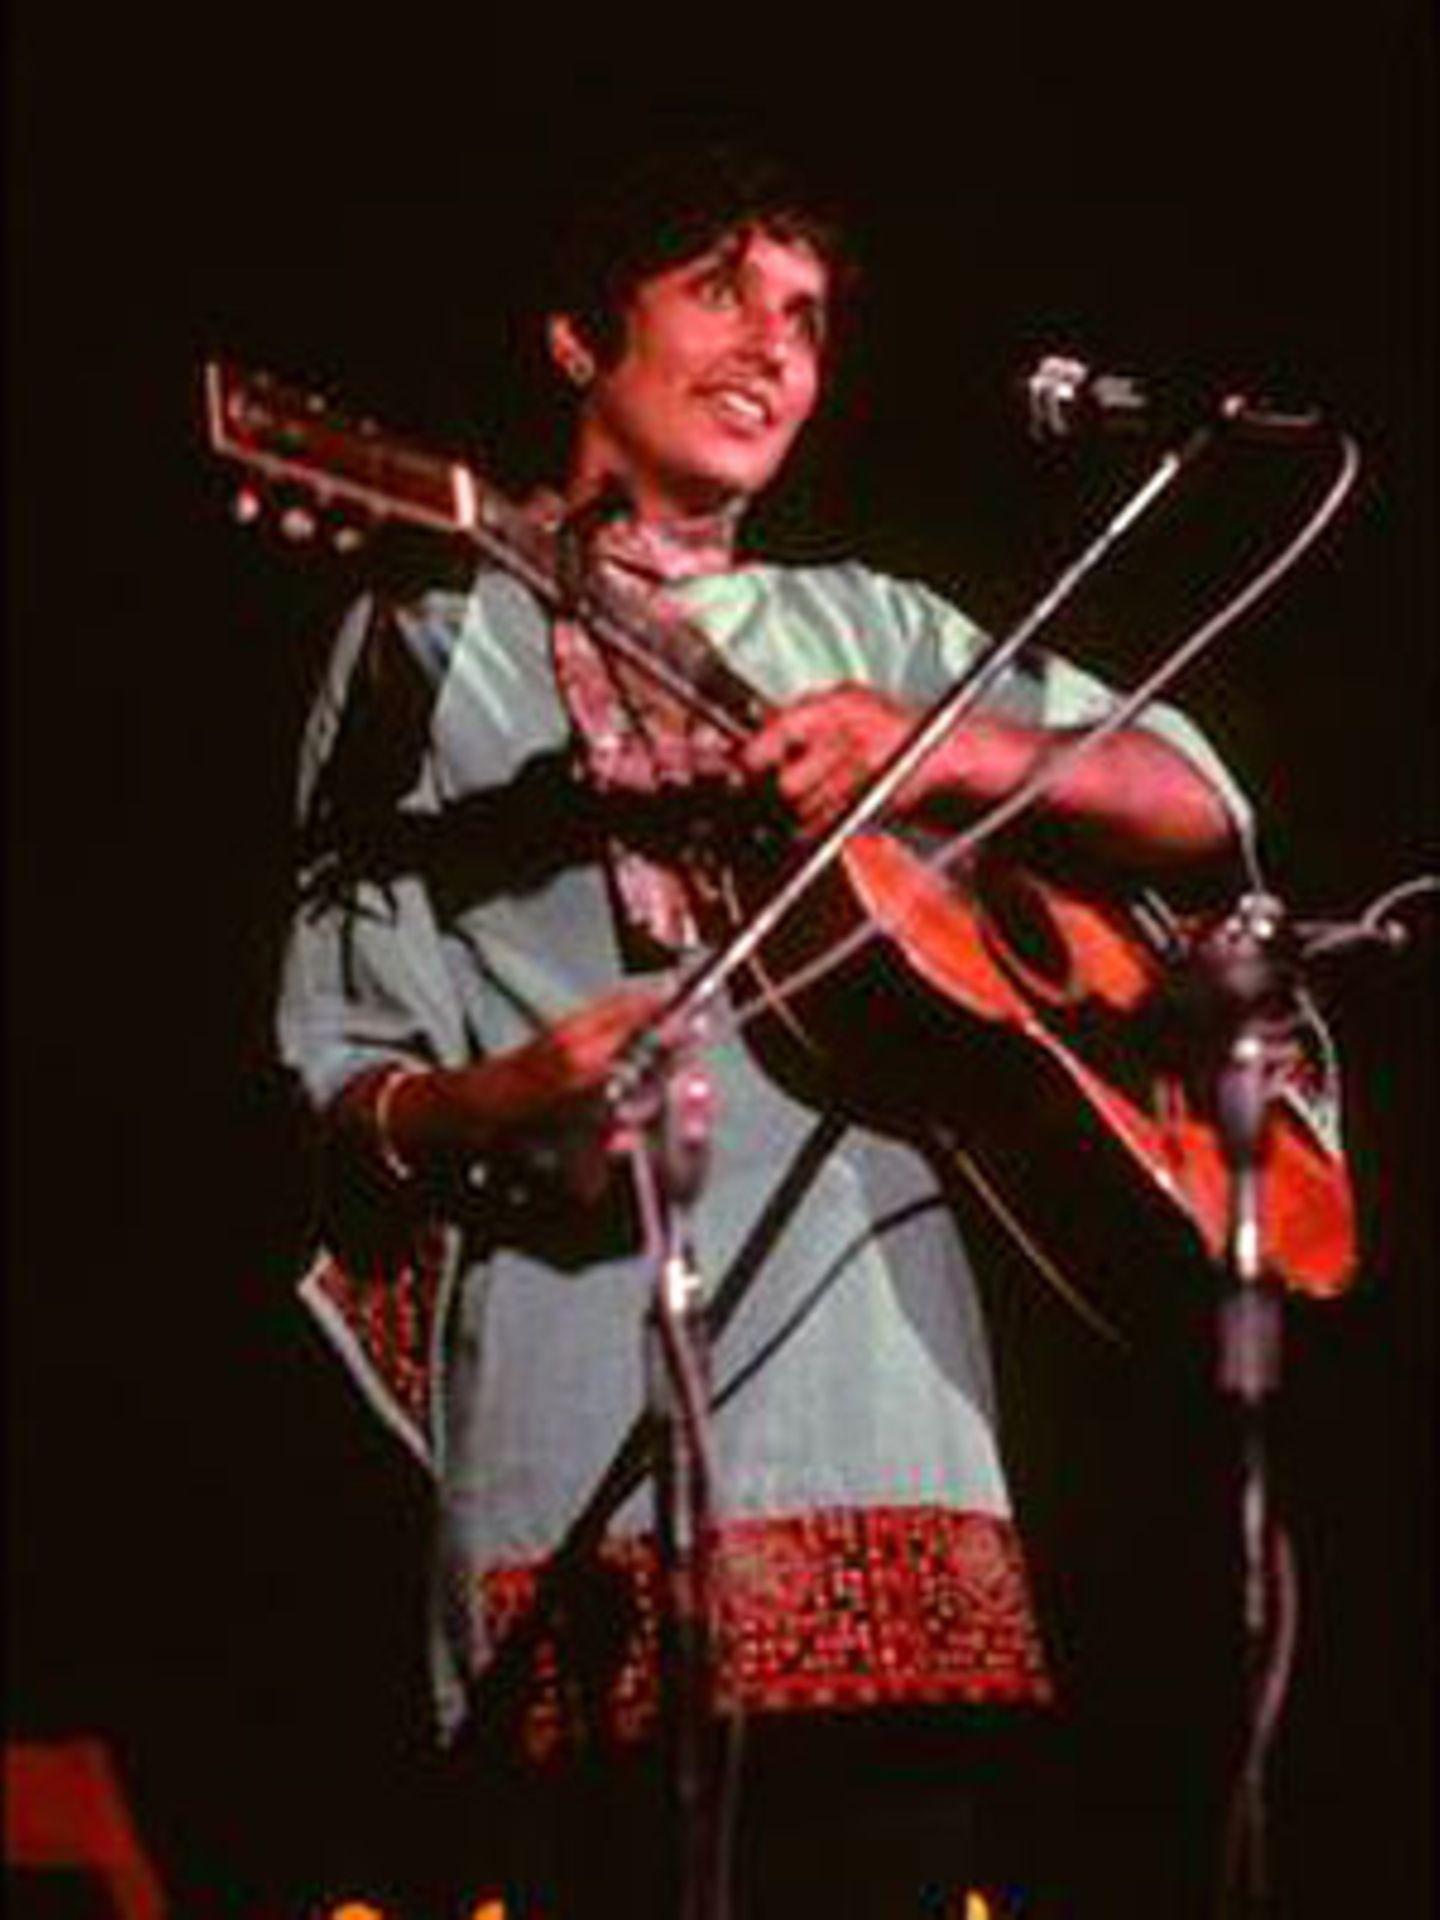 """Folksängerin Joan Baez wird auch als """"das Gewissen und die Stimme der 1960er"""" bezeichnet."""